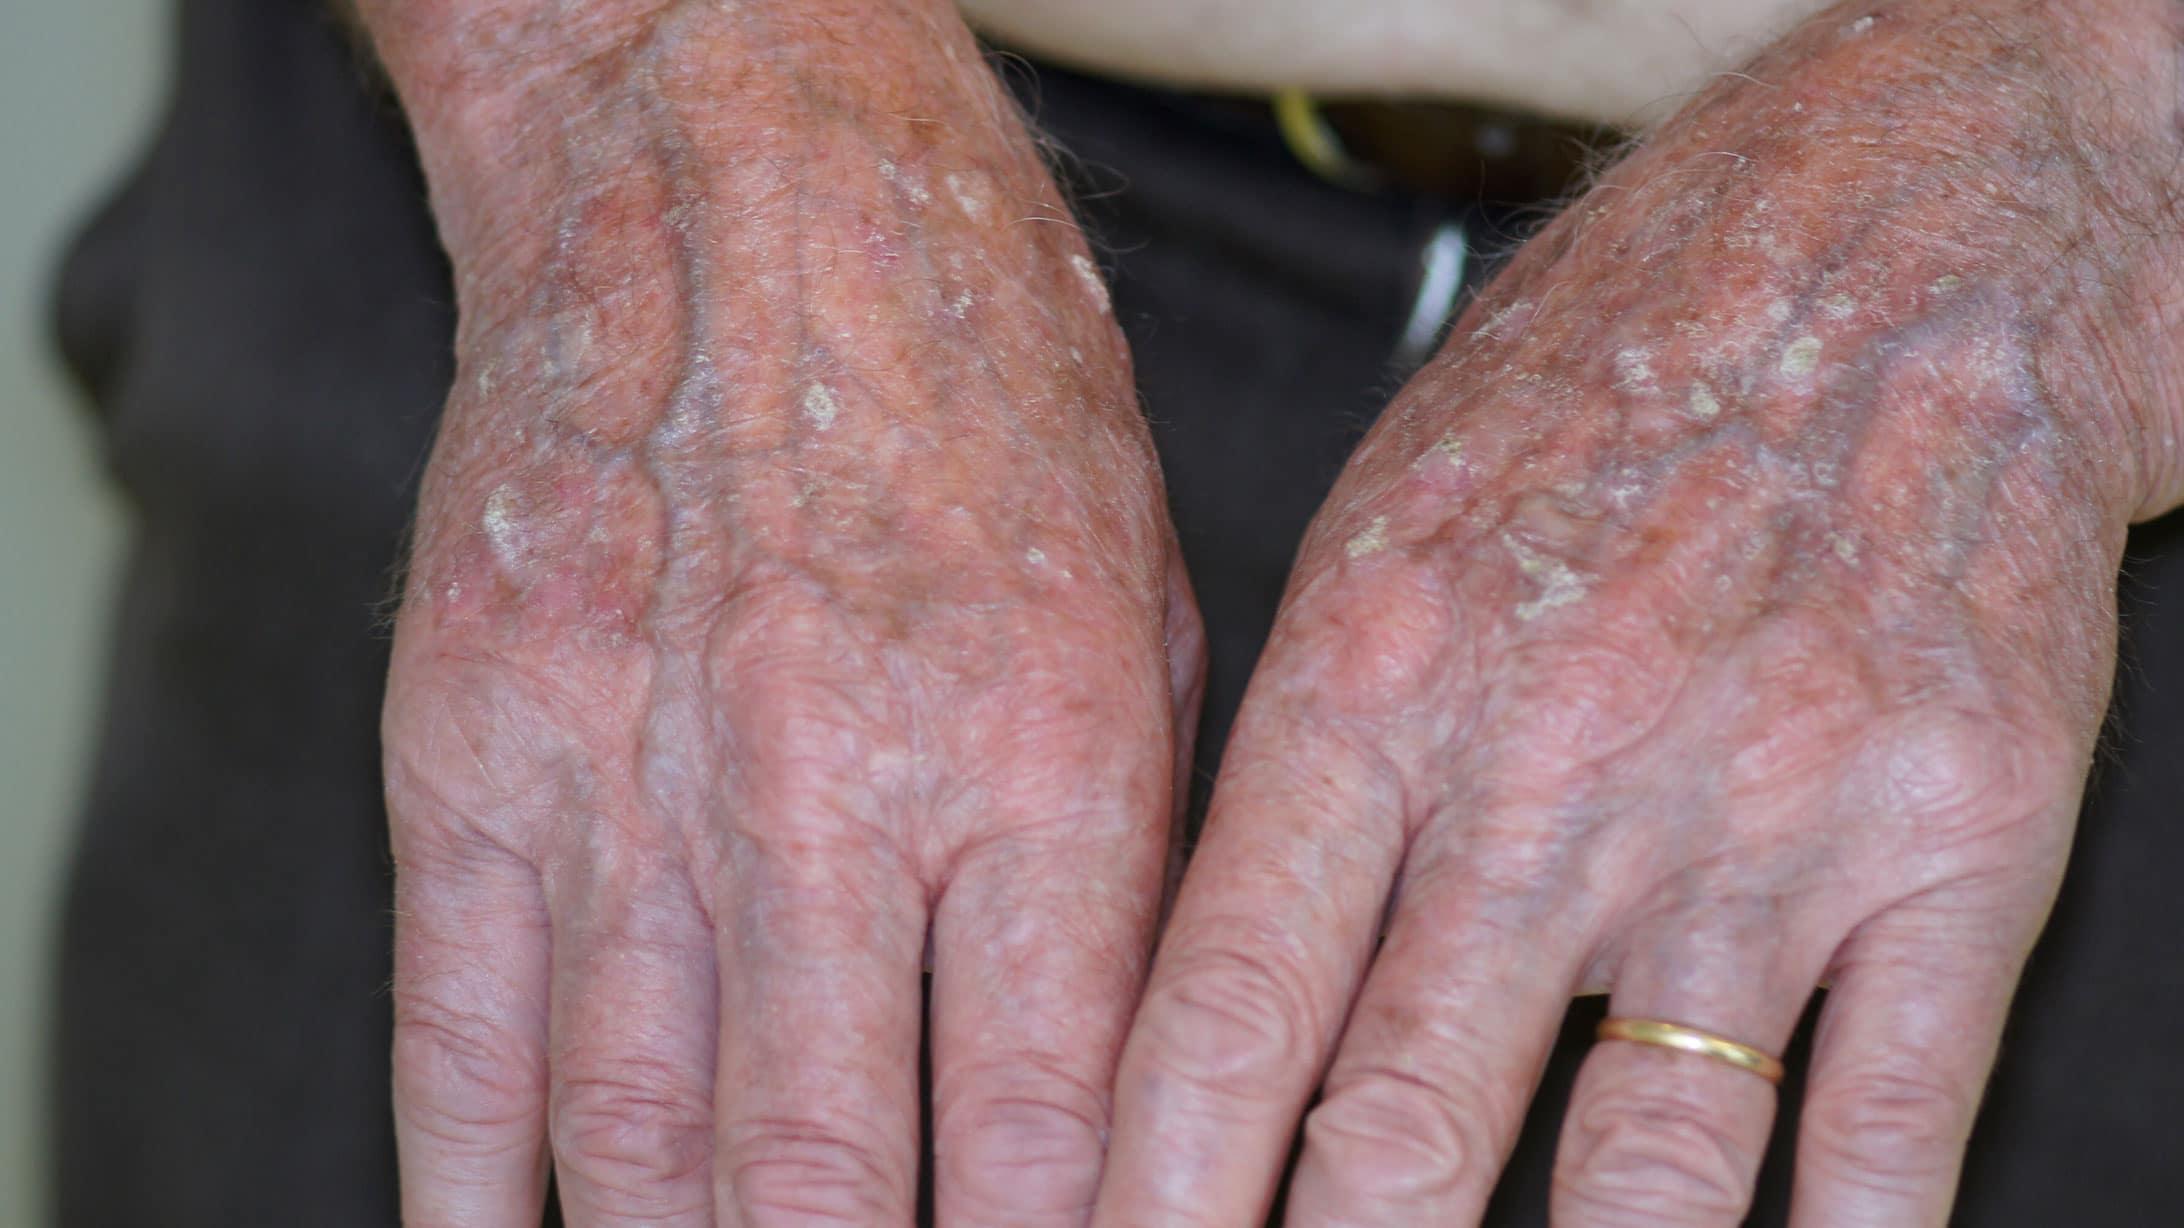 Aktinische Keratose auf dem Handrücken.